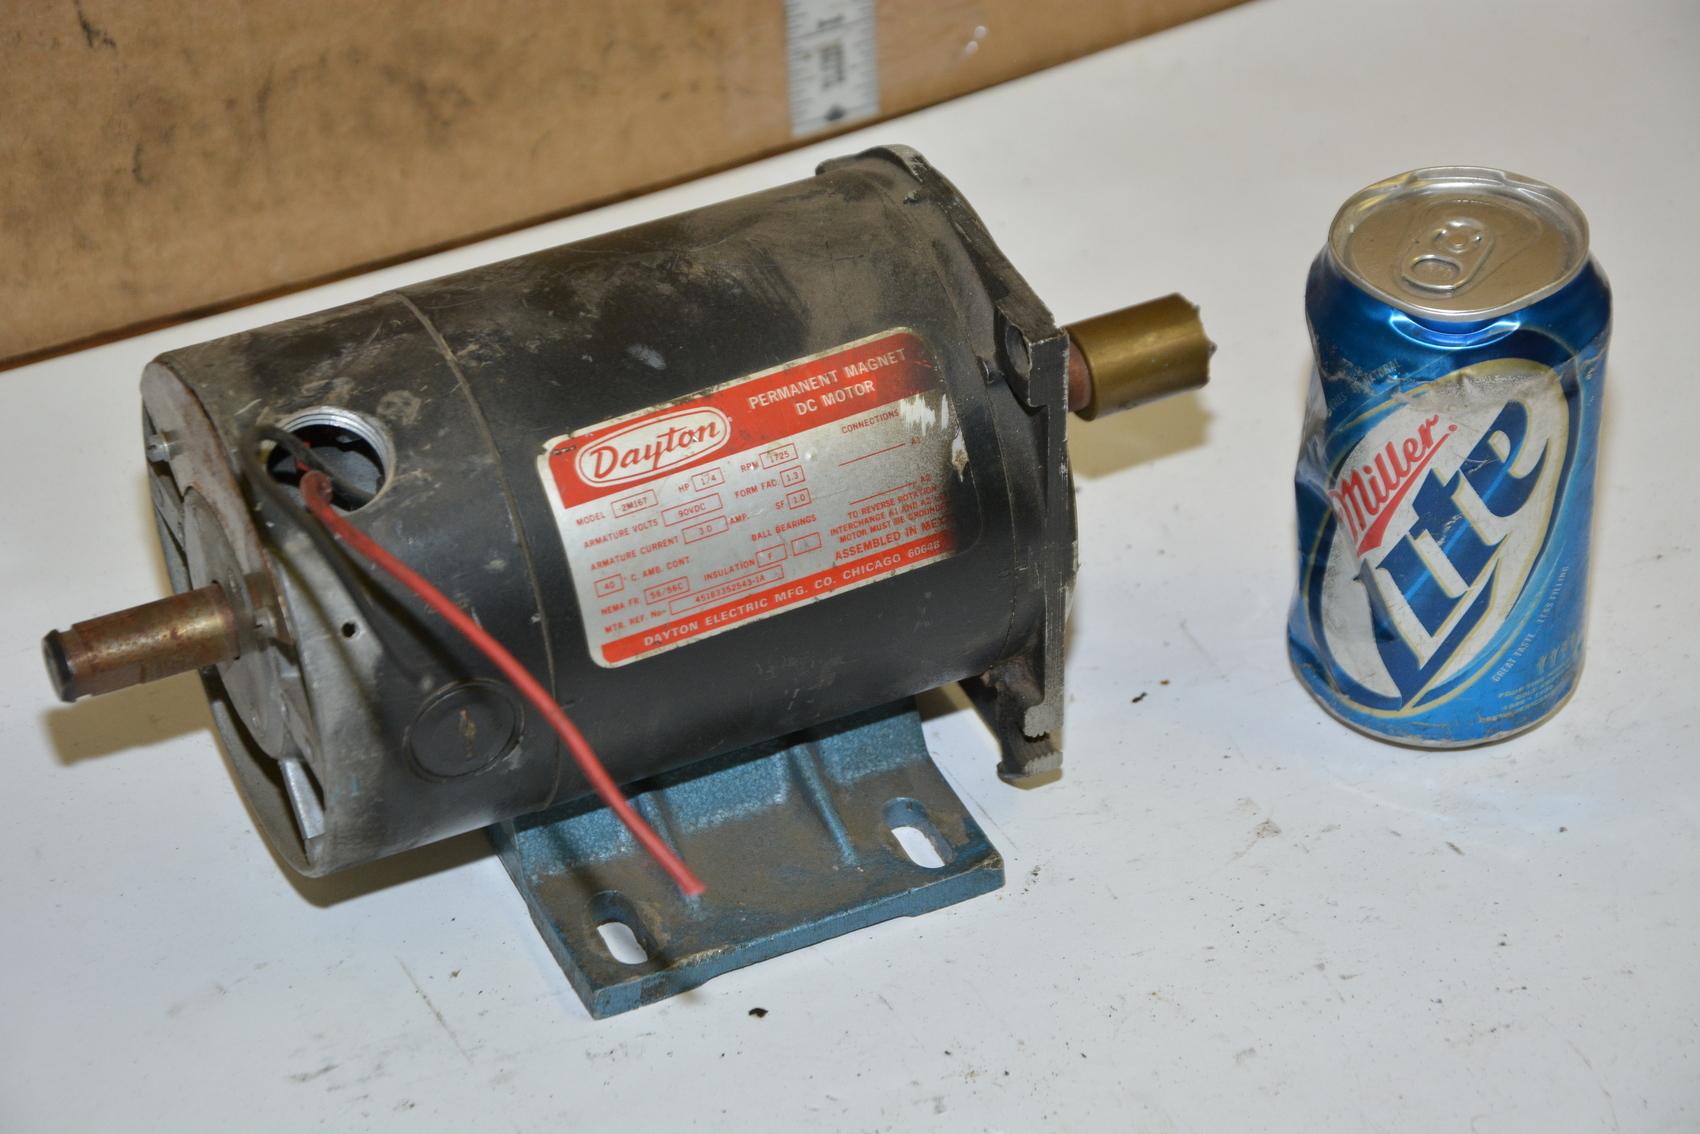 Dsc 0006 Jpg Of Dayton 2m167 Permanent Magnetic Dc Motor 1